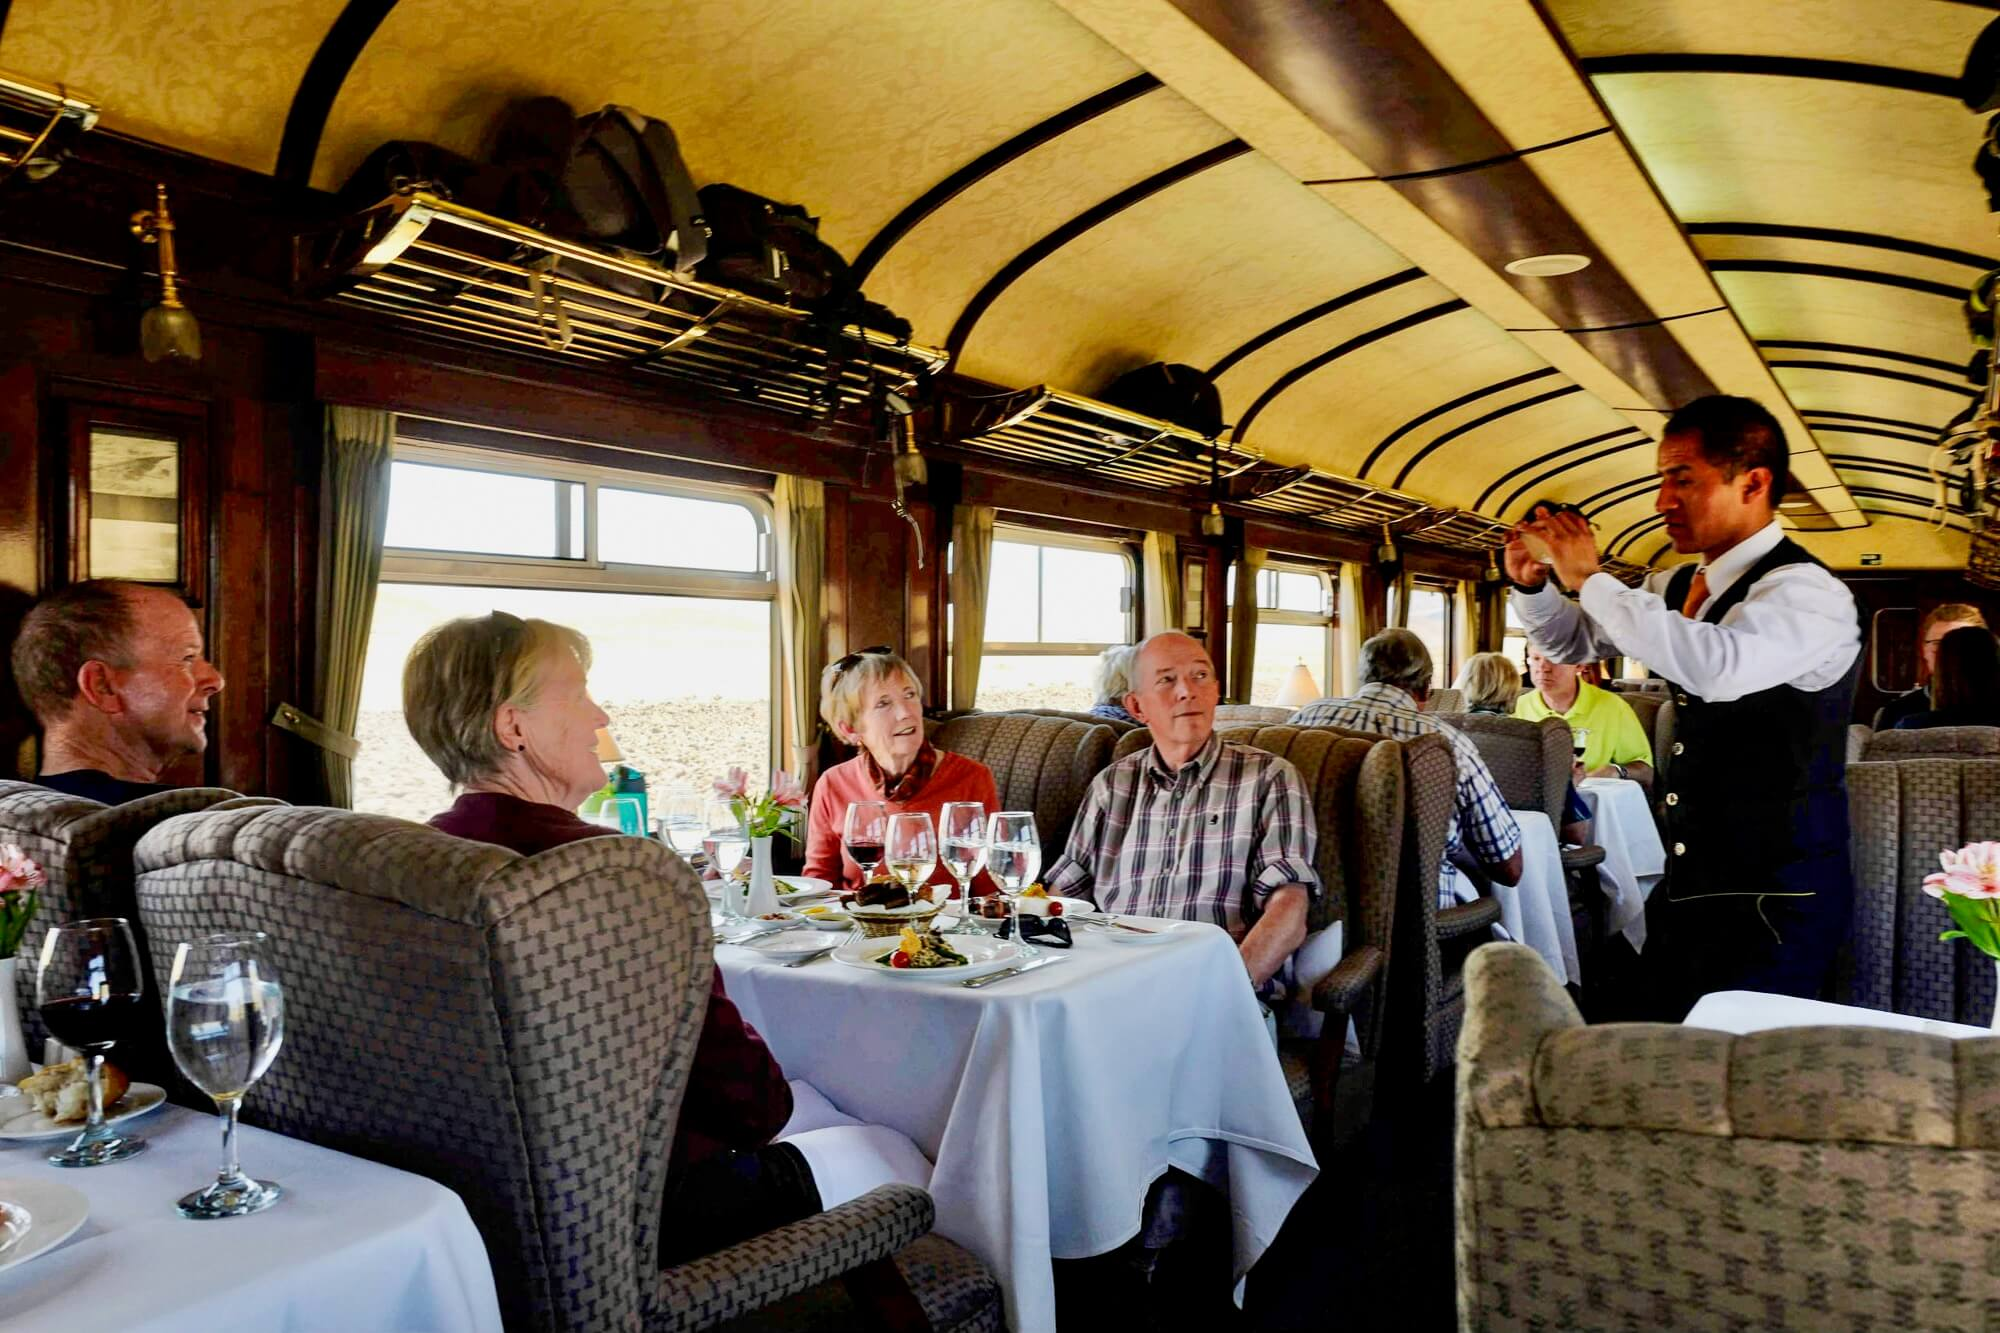 Perurail Titicaca Train Dining Car, Peru